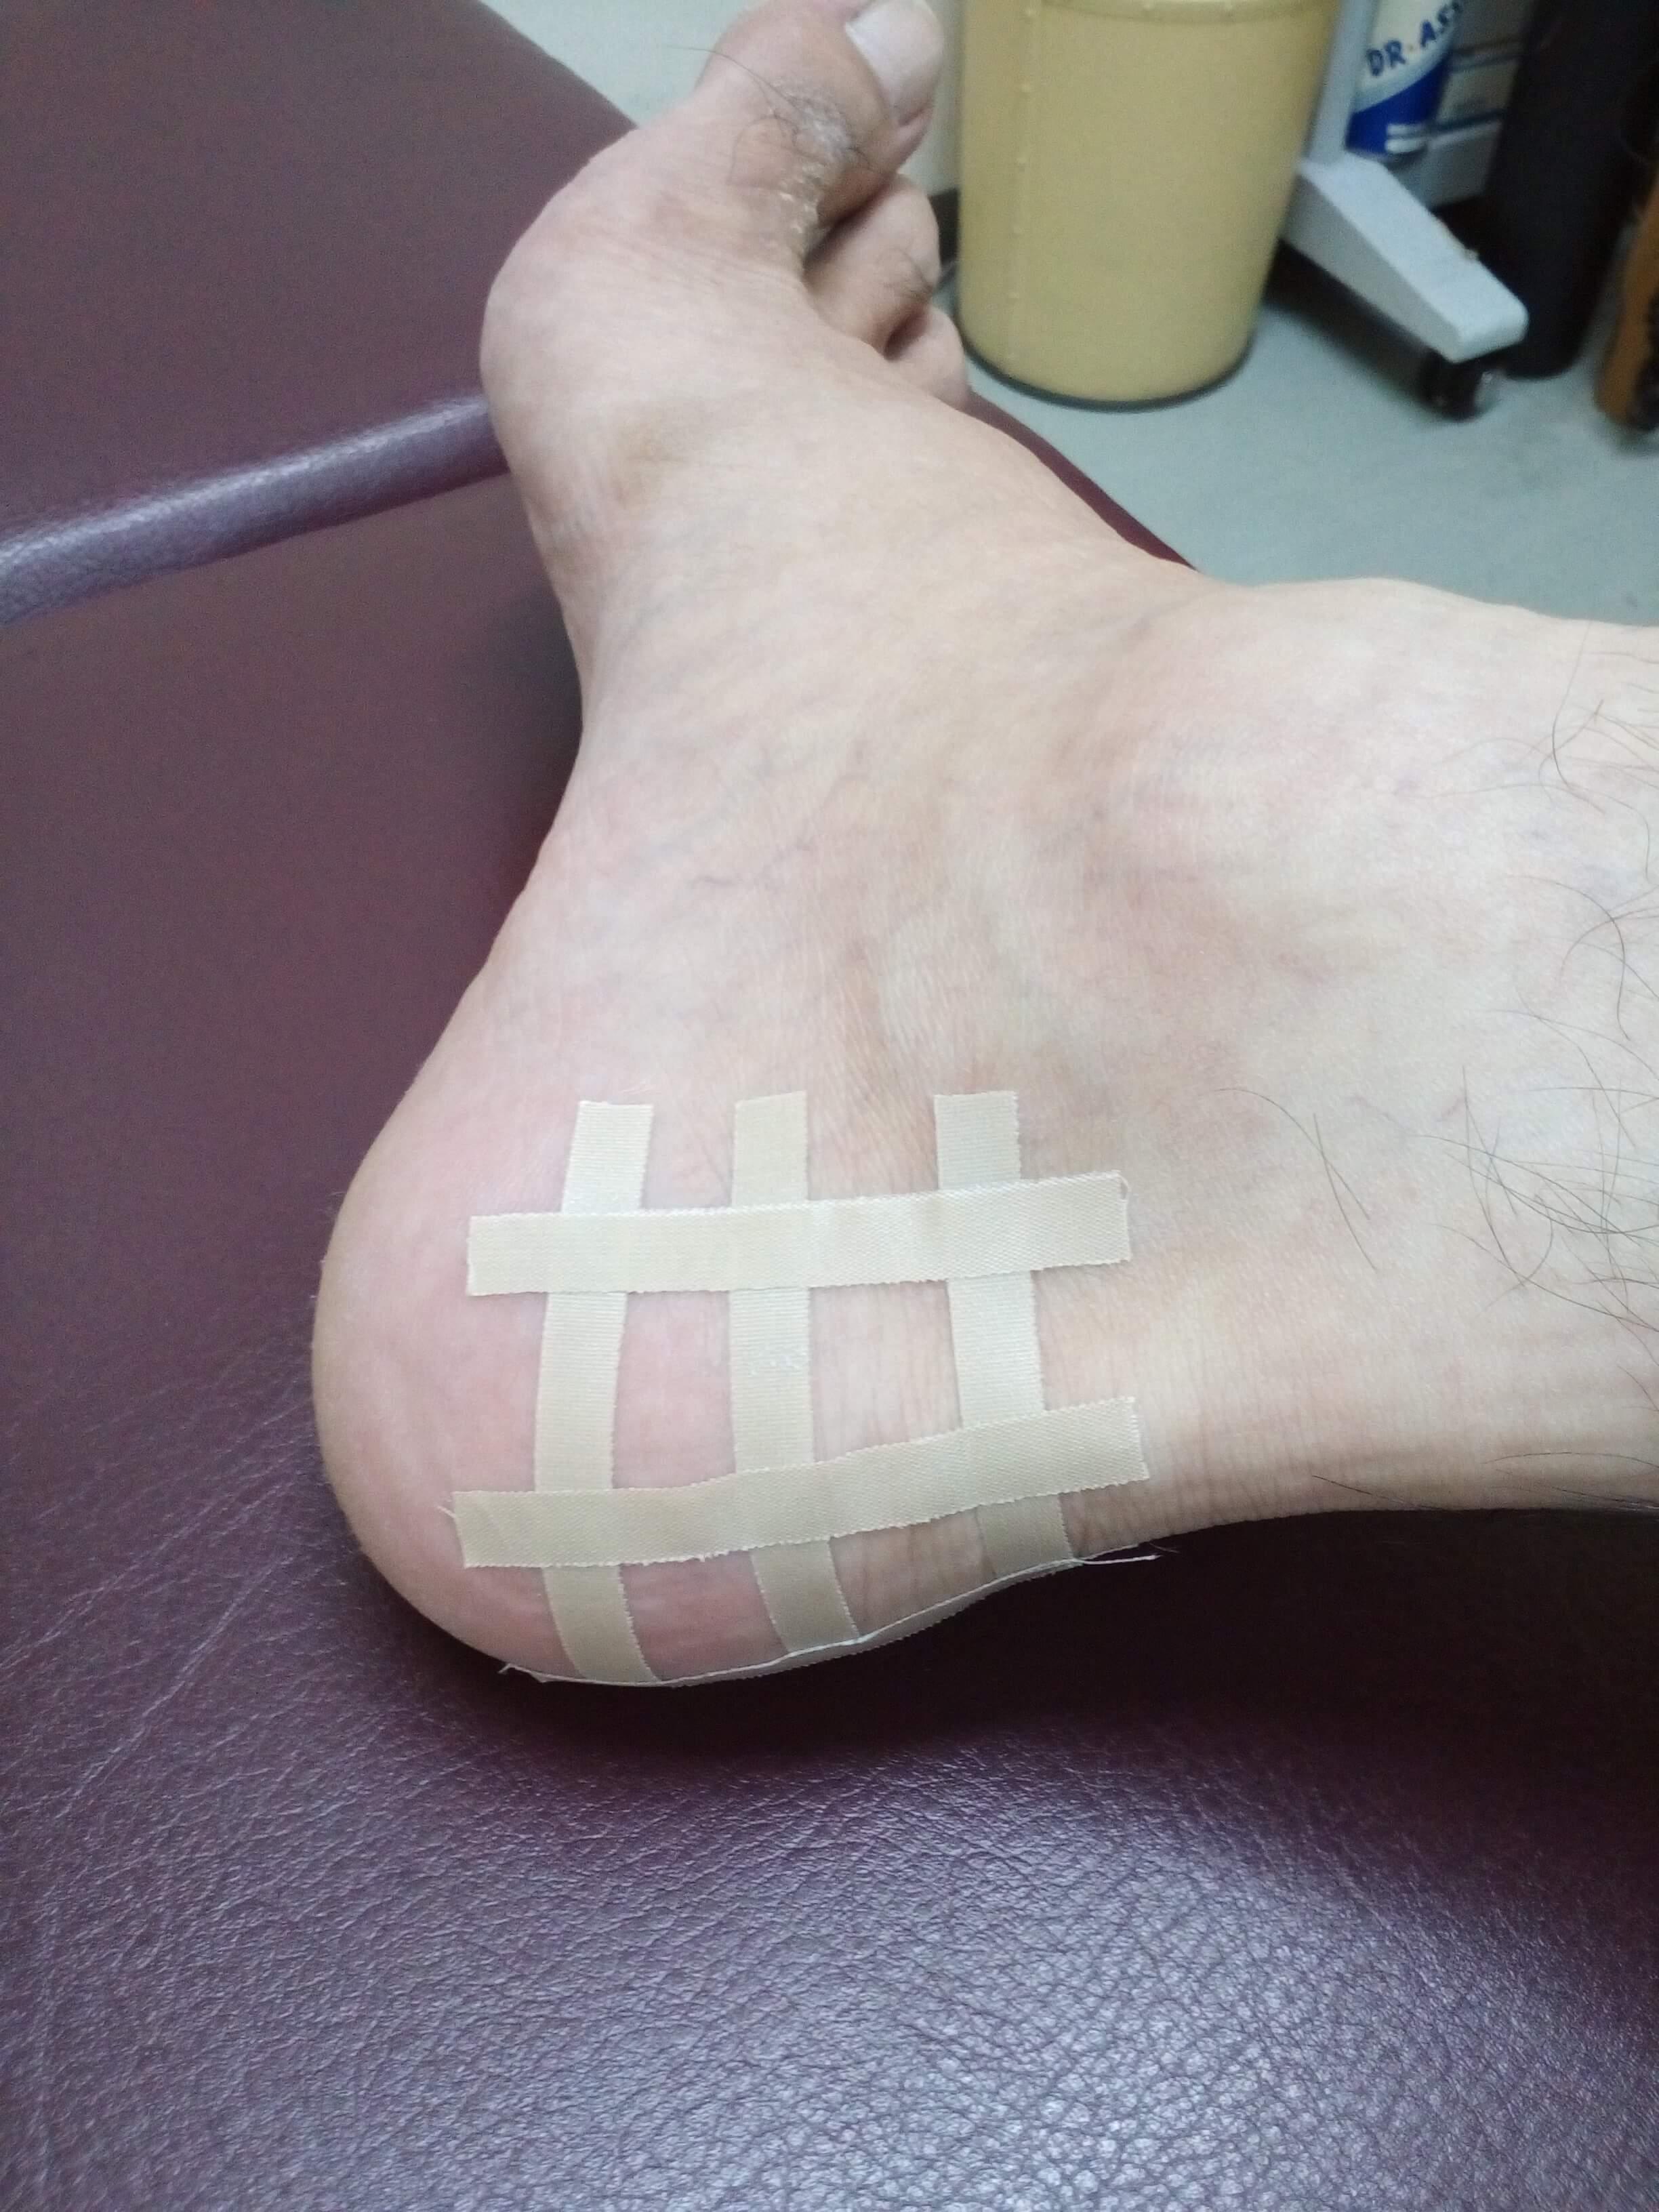 アキレス腱付着部の痛みに対するテーピング法です。